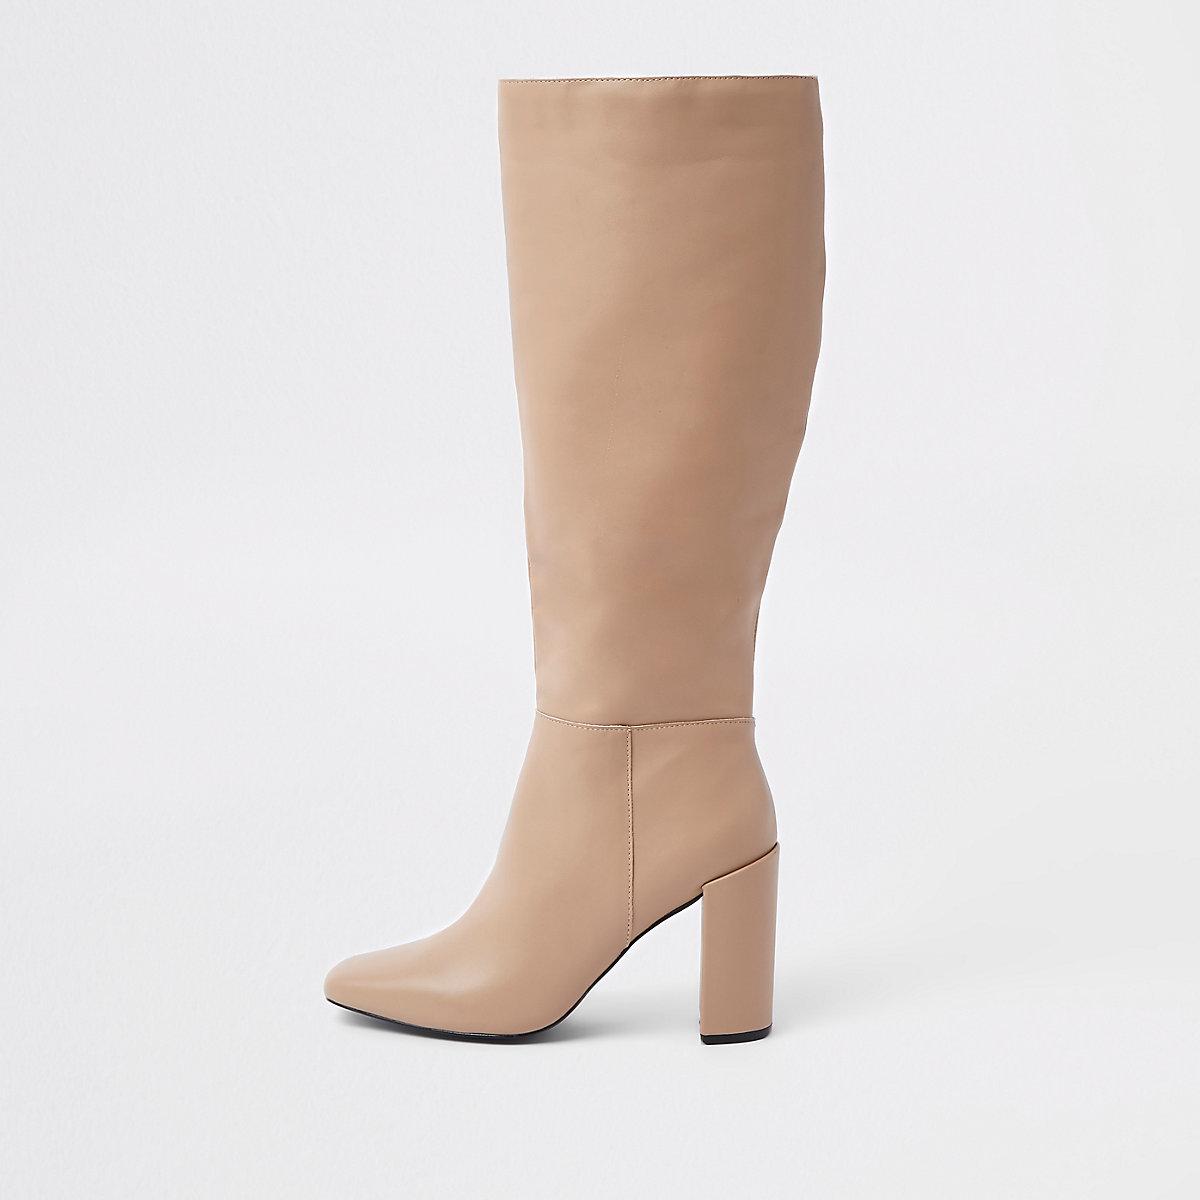 Crème leren kniehoge laarzen met blokhak Crème leren kniehoge laarzen met  blokhak ...